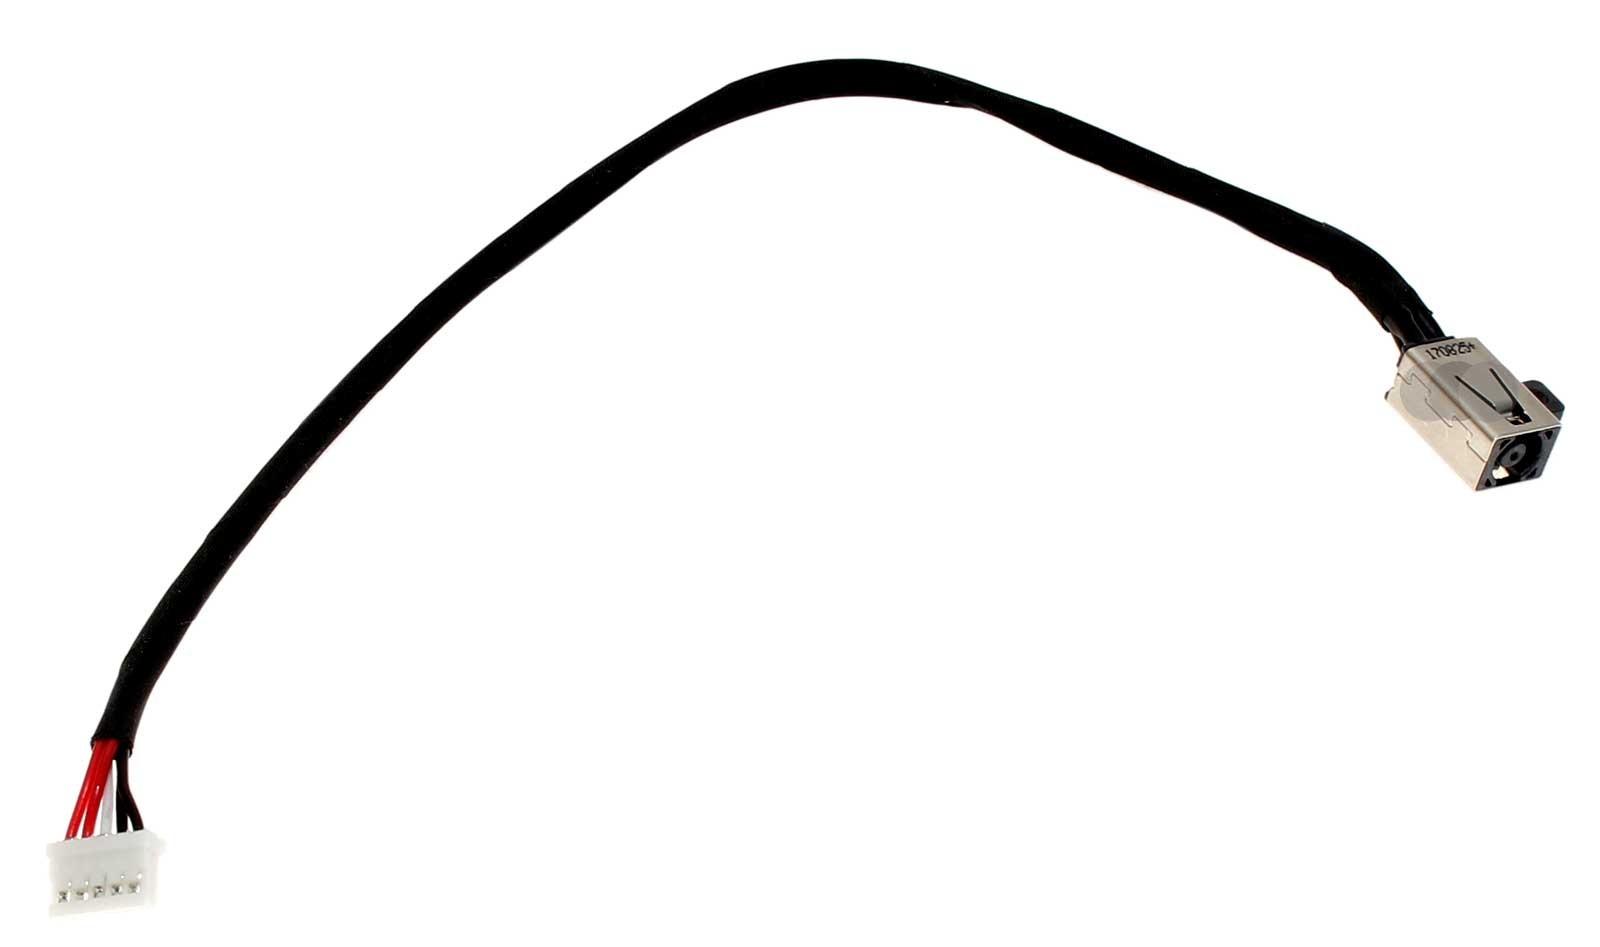 Ladebuchse Strombuchse mit Kabel für Asus ROG B551, Pro B551LG, B551LA-CN018G